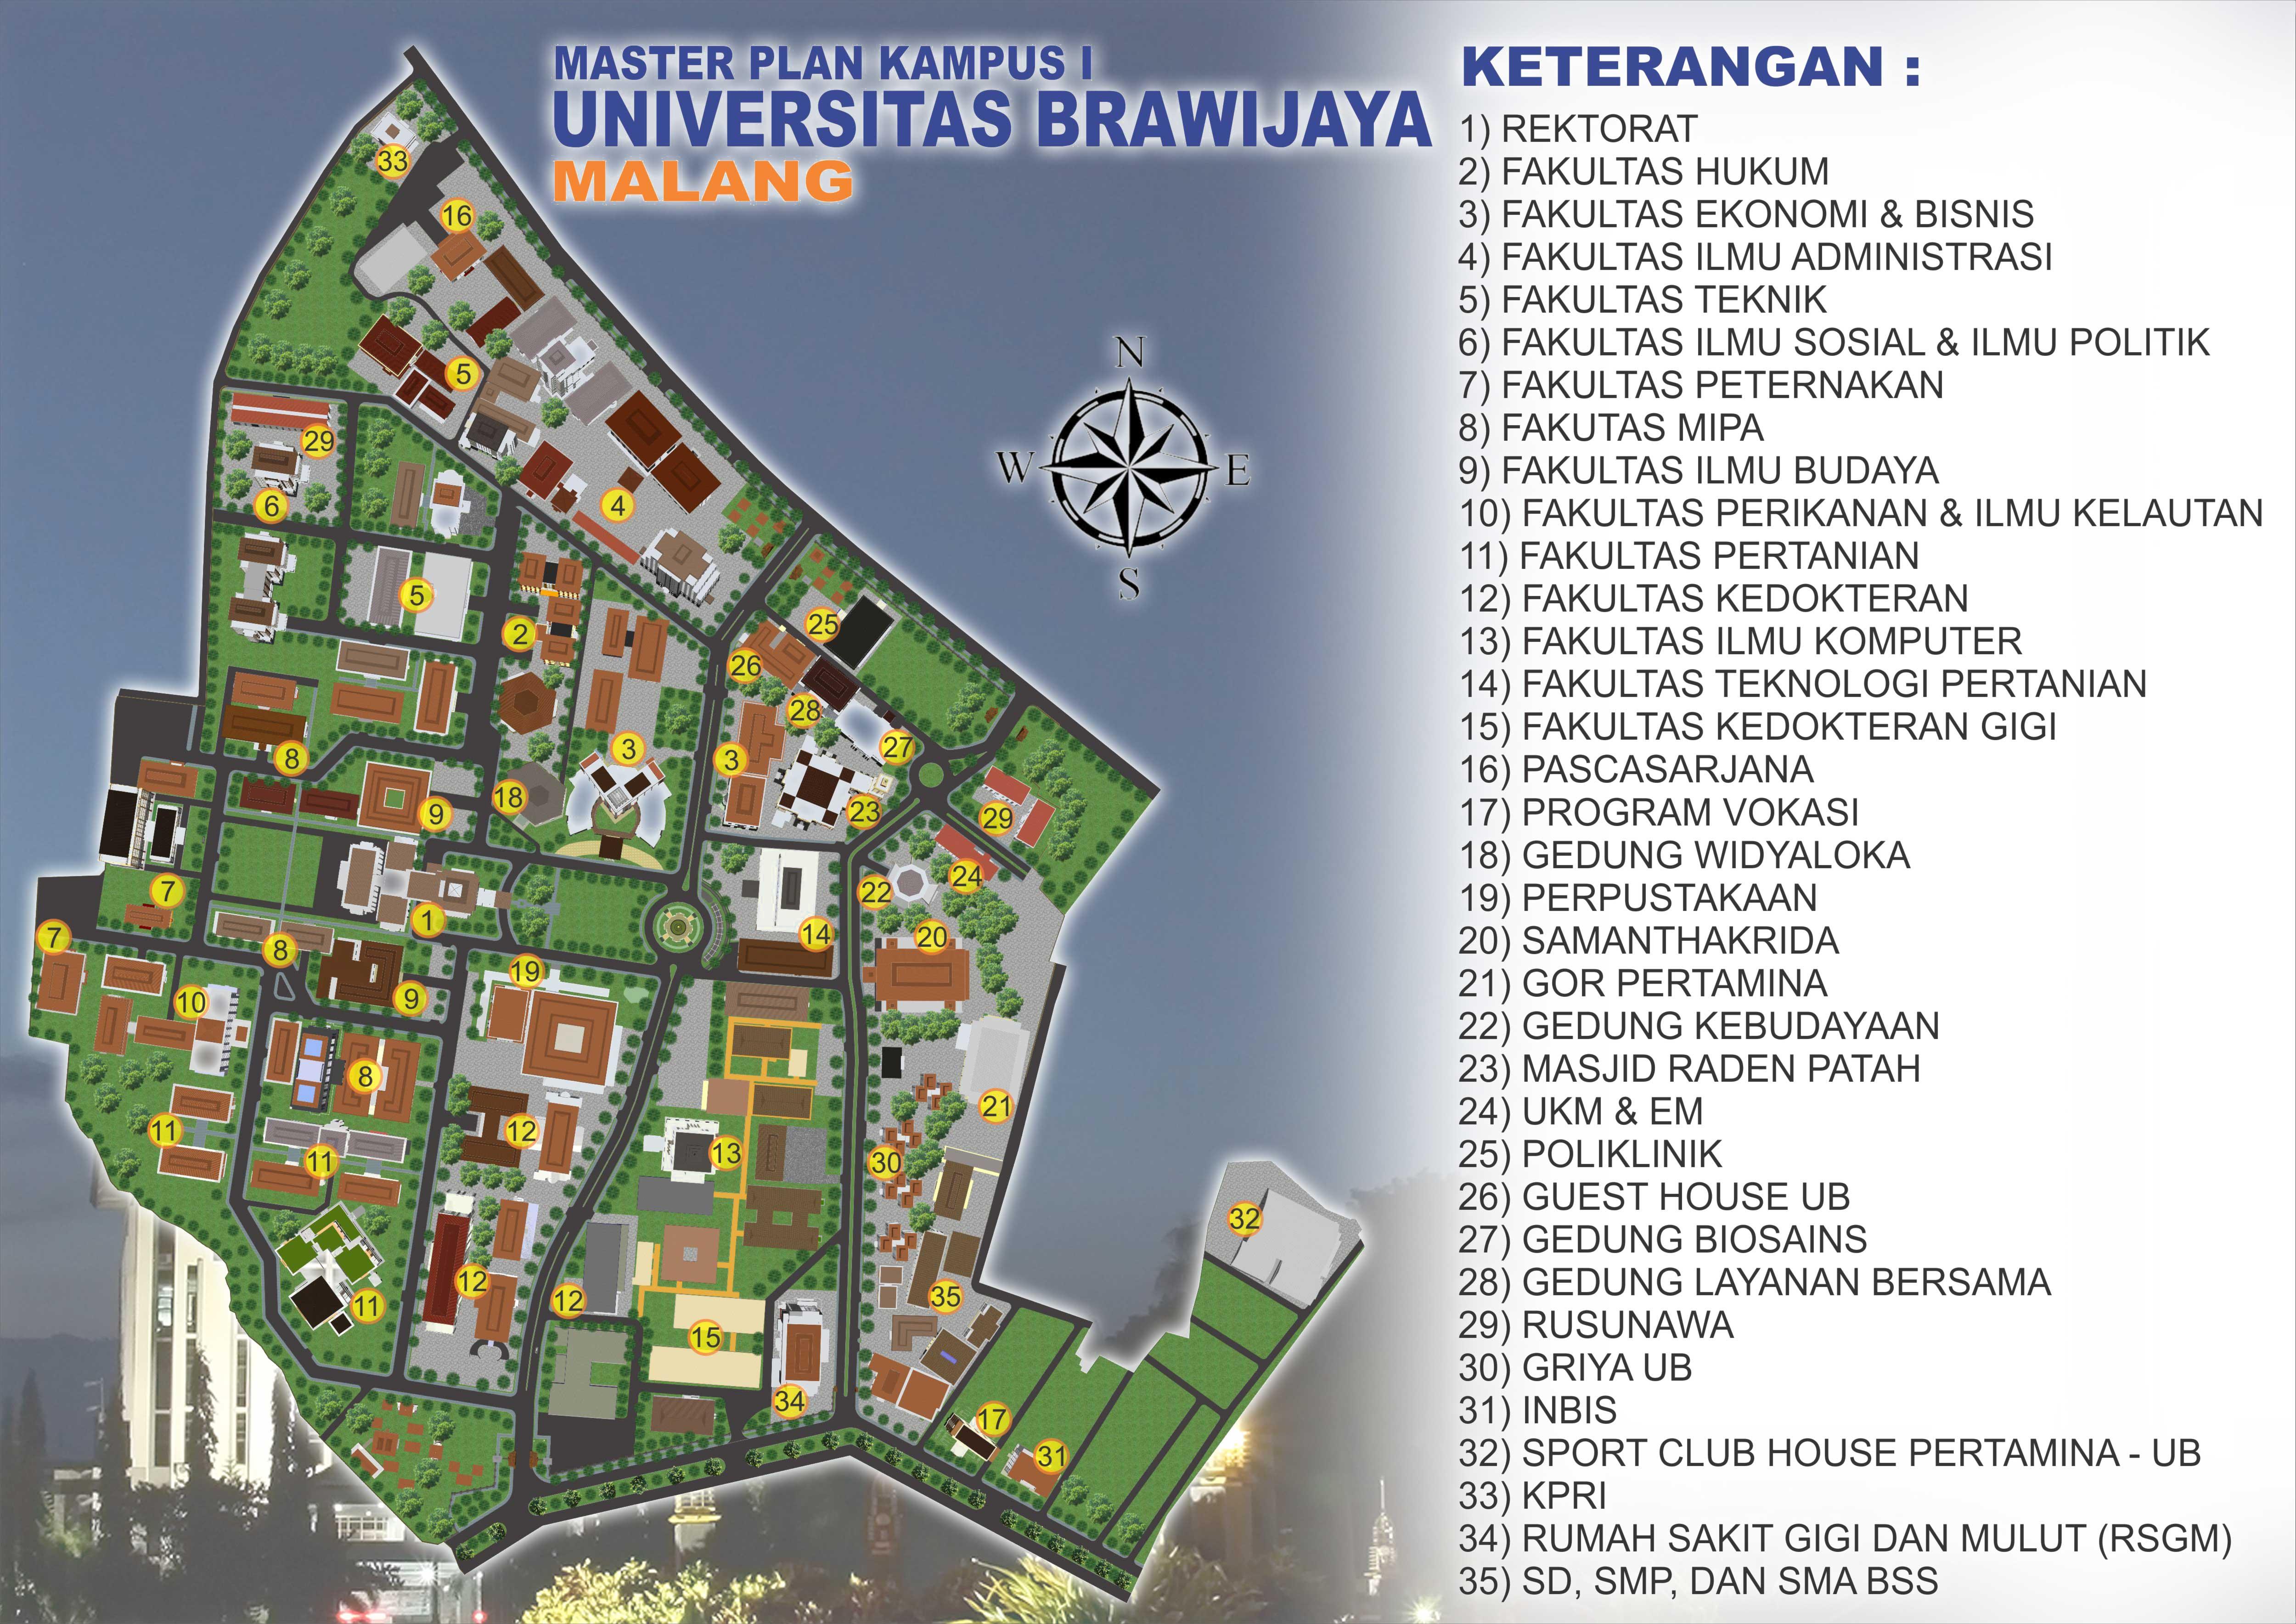 Campus Map Universitas Brawijaya